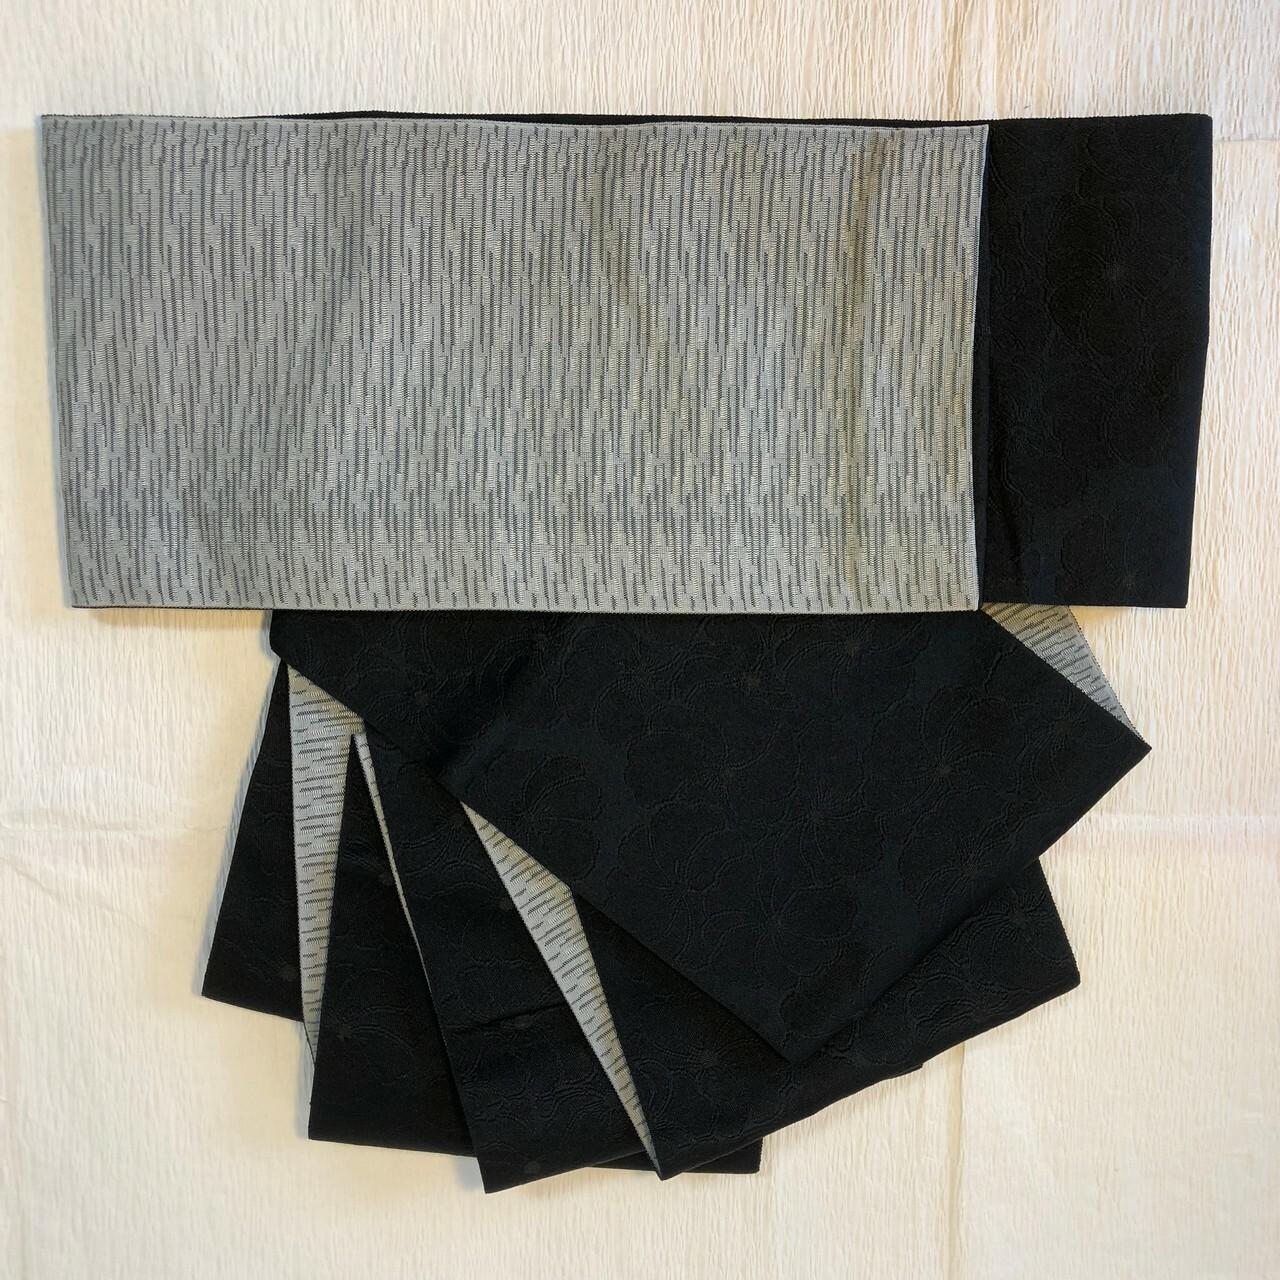 【アウトレット新品】リバーシブル半幅帯 化繊 花柄織出し 黒×薄グレー